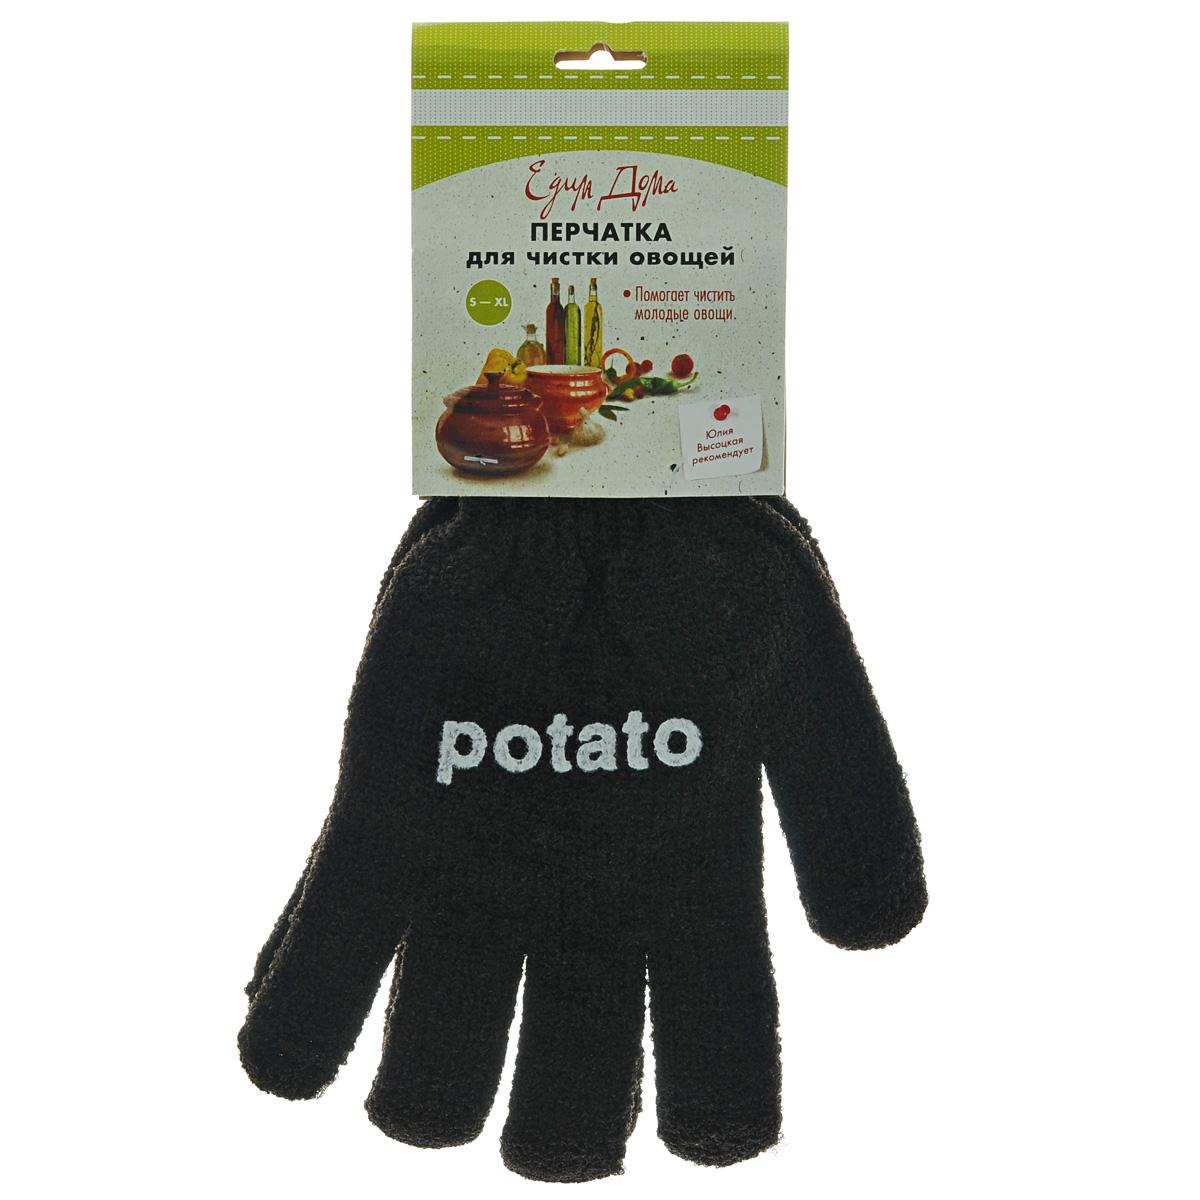 Перчатки для чистки овощей Едим Дома, 2 шт, цвет: коричневый. 6056860568Рельефная поверхность перчатки Едим Дома воздействует на овощи как терка. Быстро очистит молодой картофель, морковь, редис от грязи и кожуры. Безопаснее и быстрее ножа. Материал: 90% нейлон, 10% спандекс.